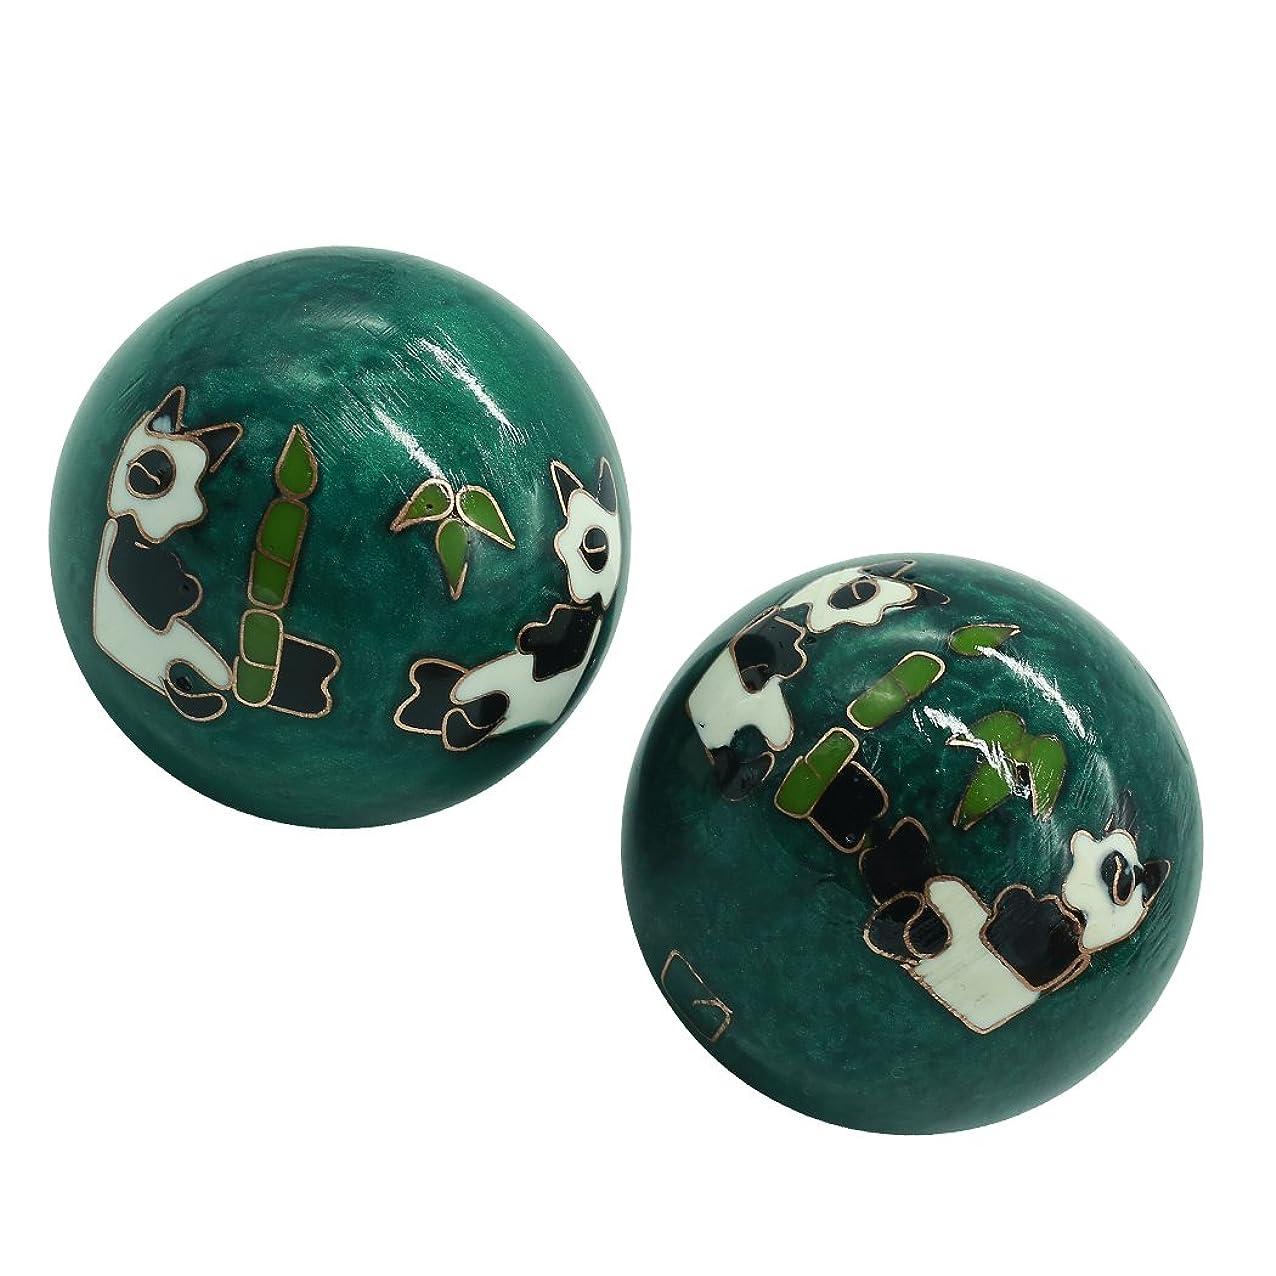 バッチ効果推進、動かす風水グッズ 健康球 健身球 脳 活性 ストレス トレーニング器具 手の機能回復 2個 パンダ (グリーン, 35mm) INB168